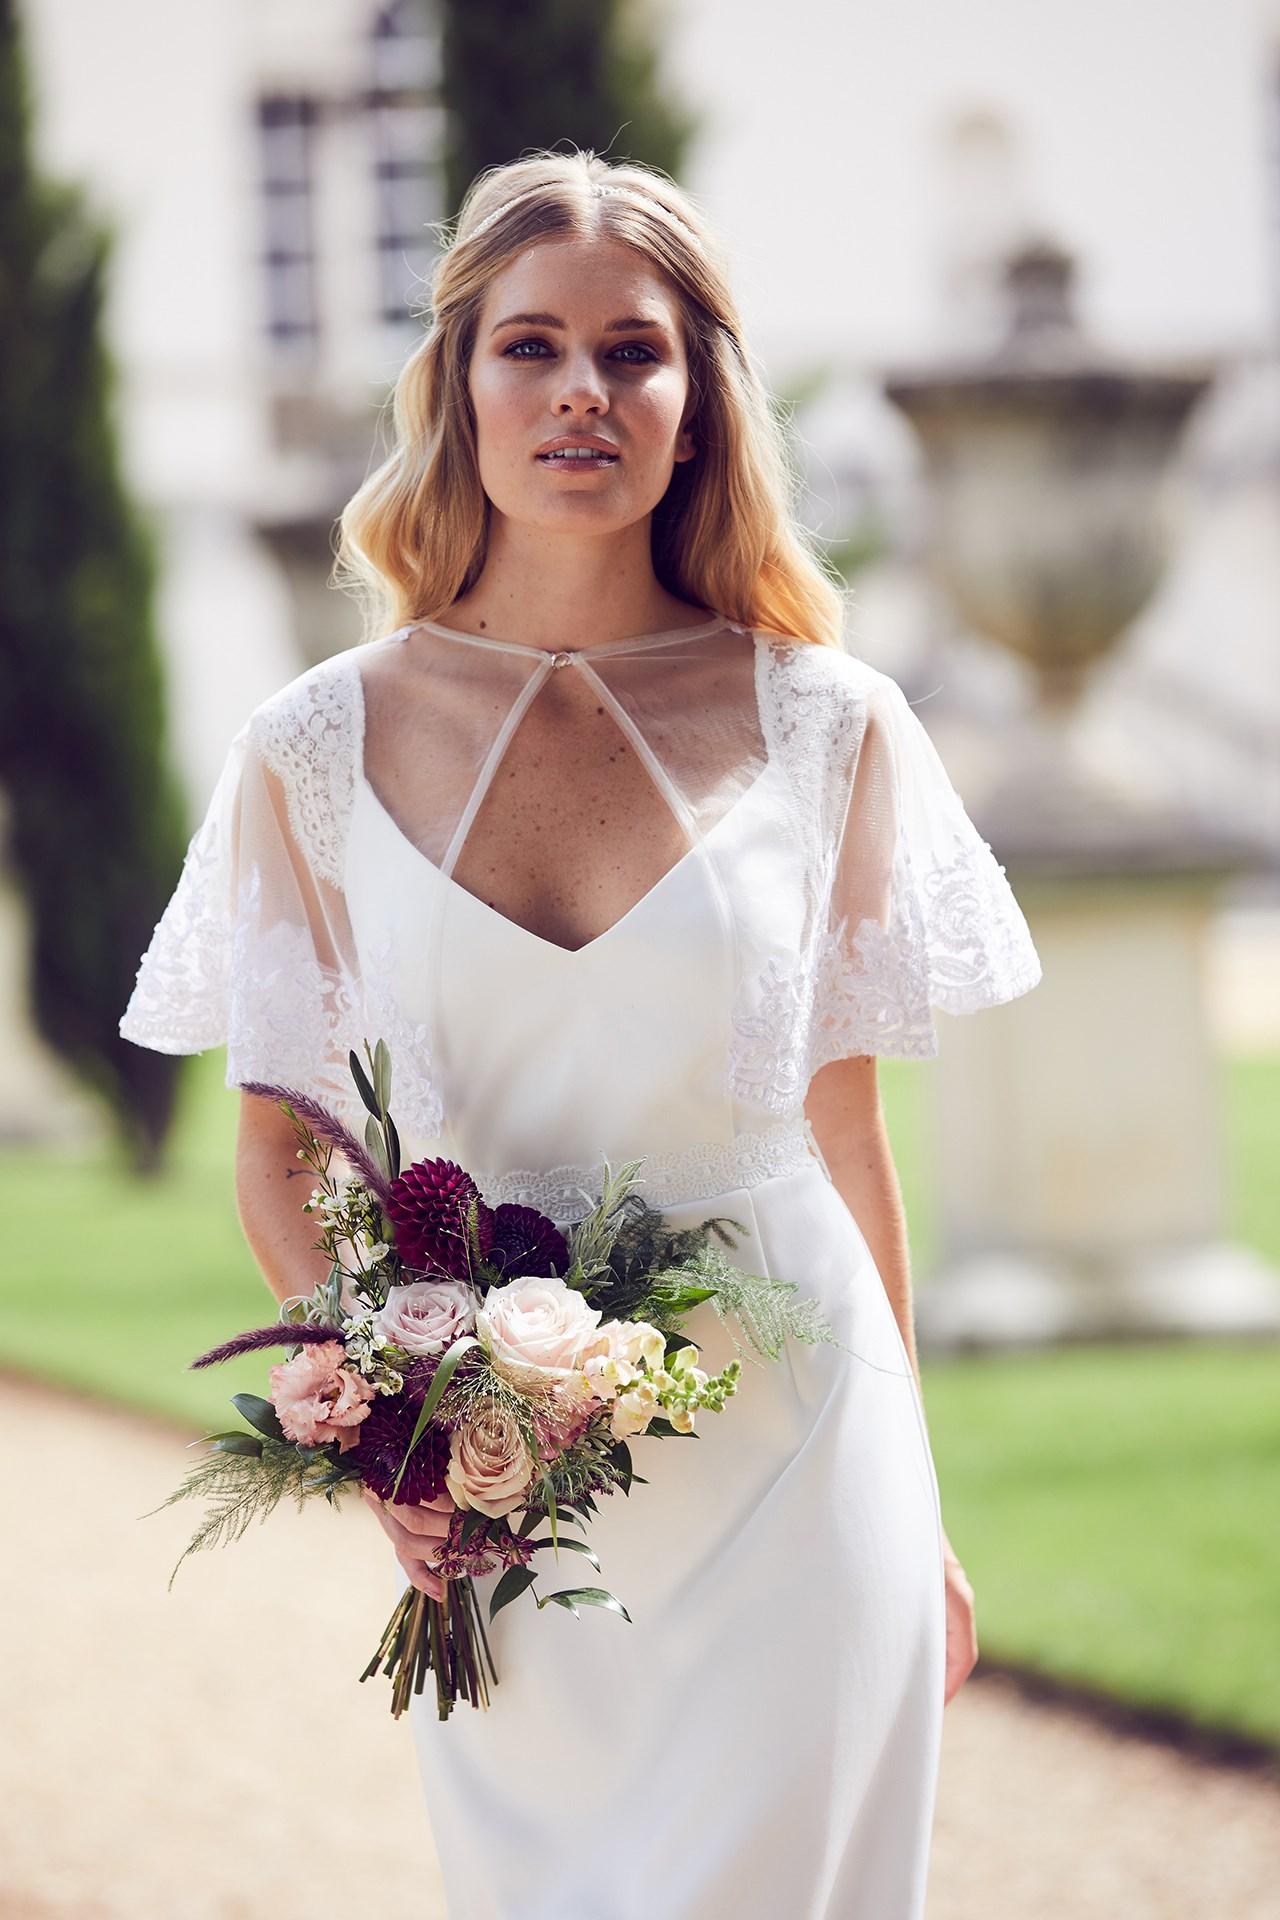 Algunos consejos para estar guapa el d a de tu boda - Que hacer para estar guapa ...